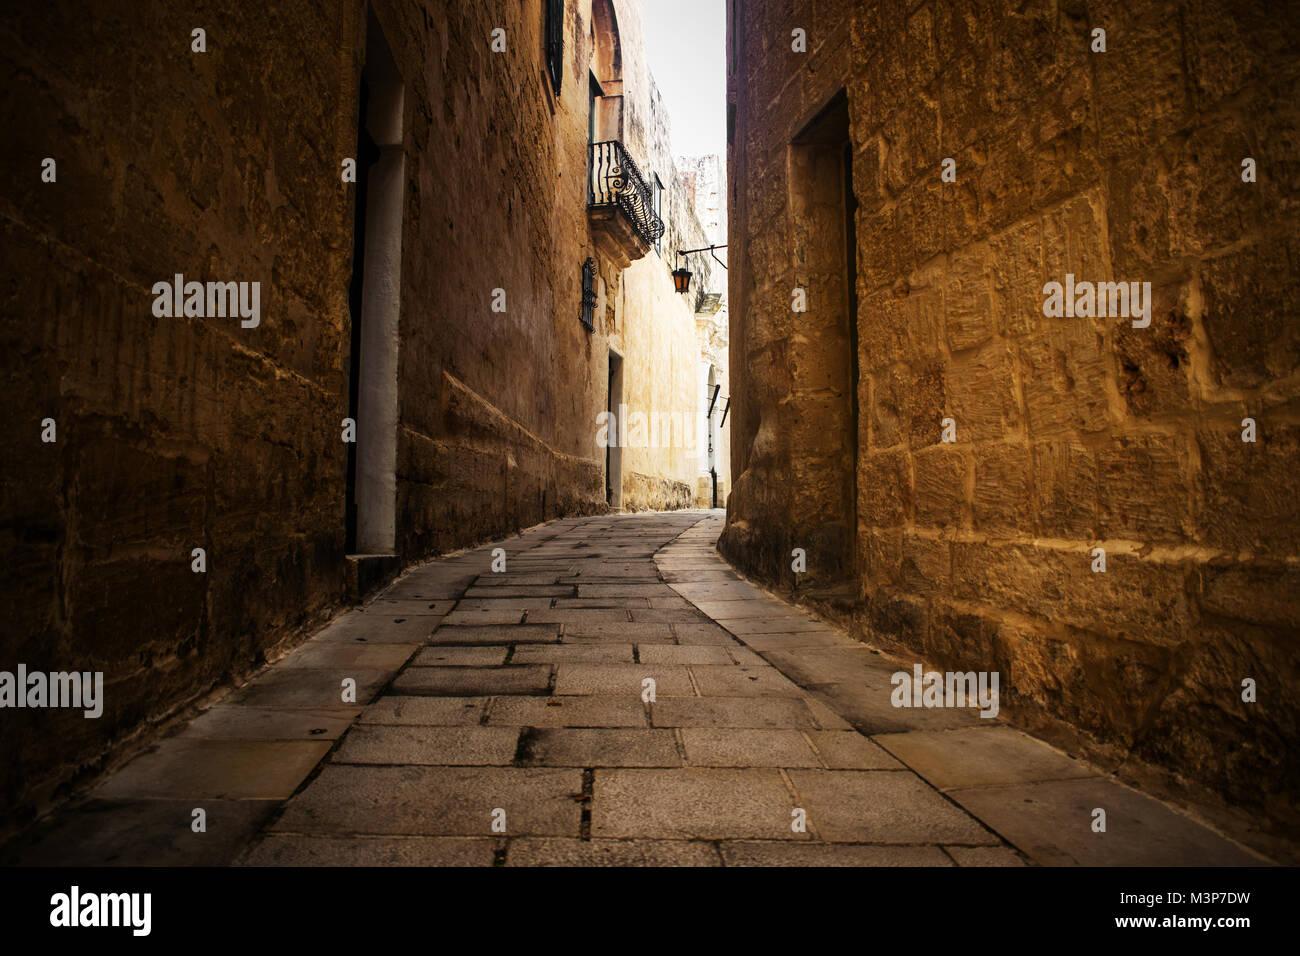 Un típico y angosta carretera históricos incluyendo muros de adoquines en Mdina, Malta. Imagen De Stock